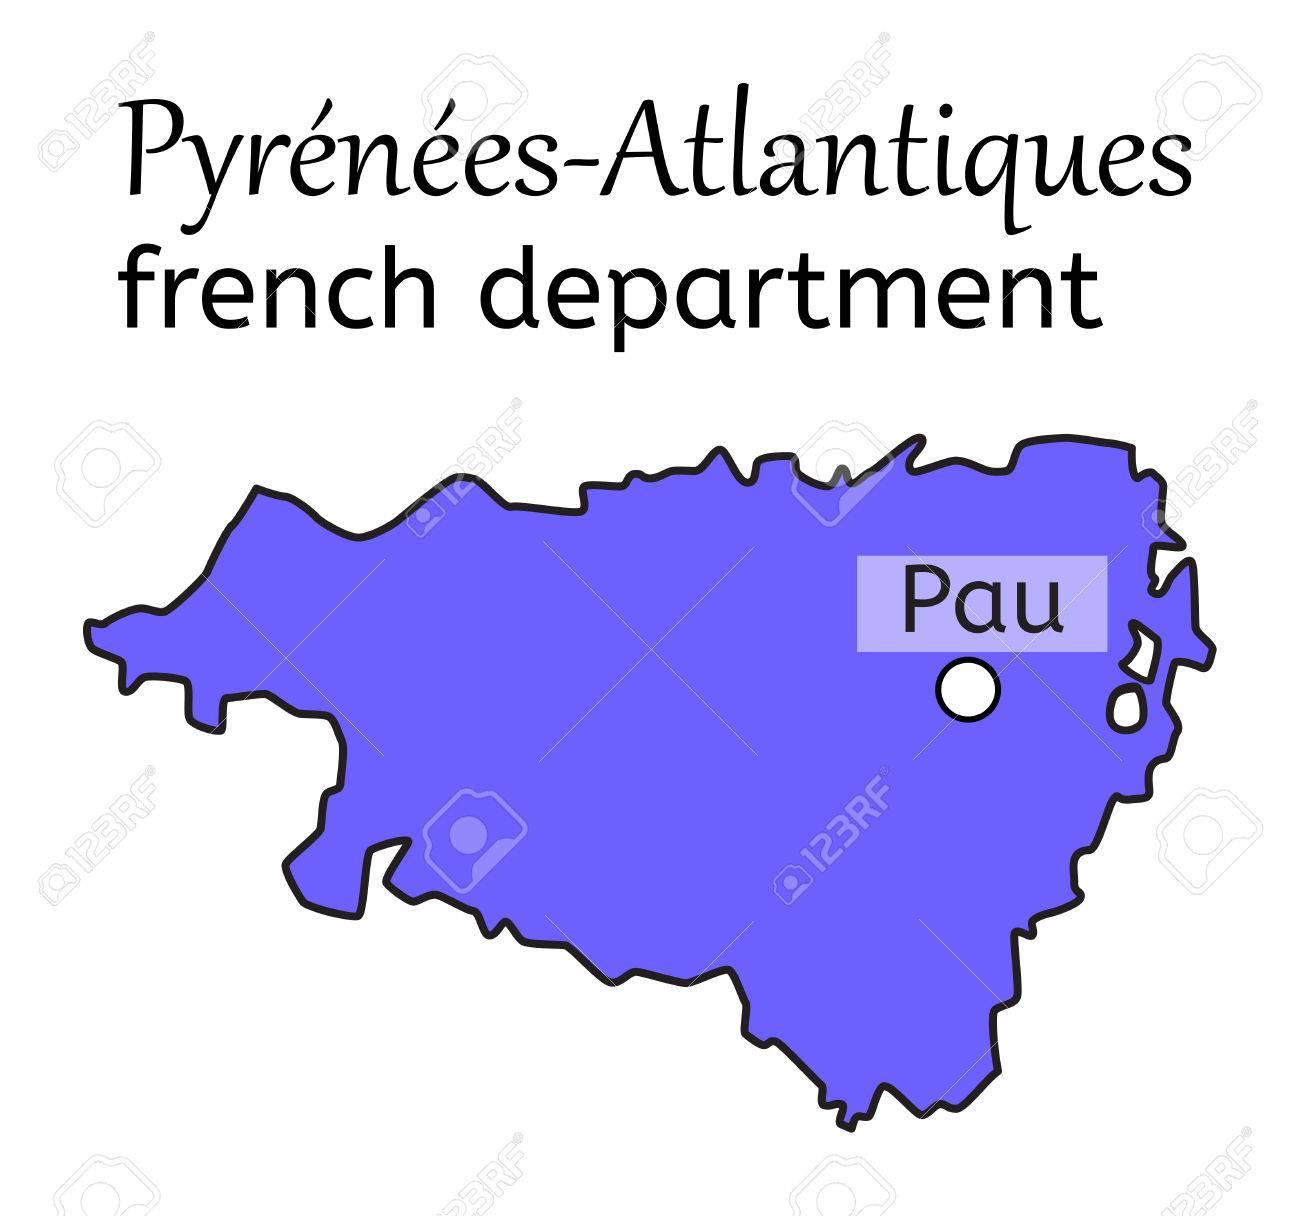 Pyrenees Atlantiques Francaise Carte Sur Blanc Dans Le Vecteur Clip Art Libres De Droits Vecteurs Et Illustration Image 67192079